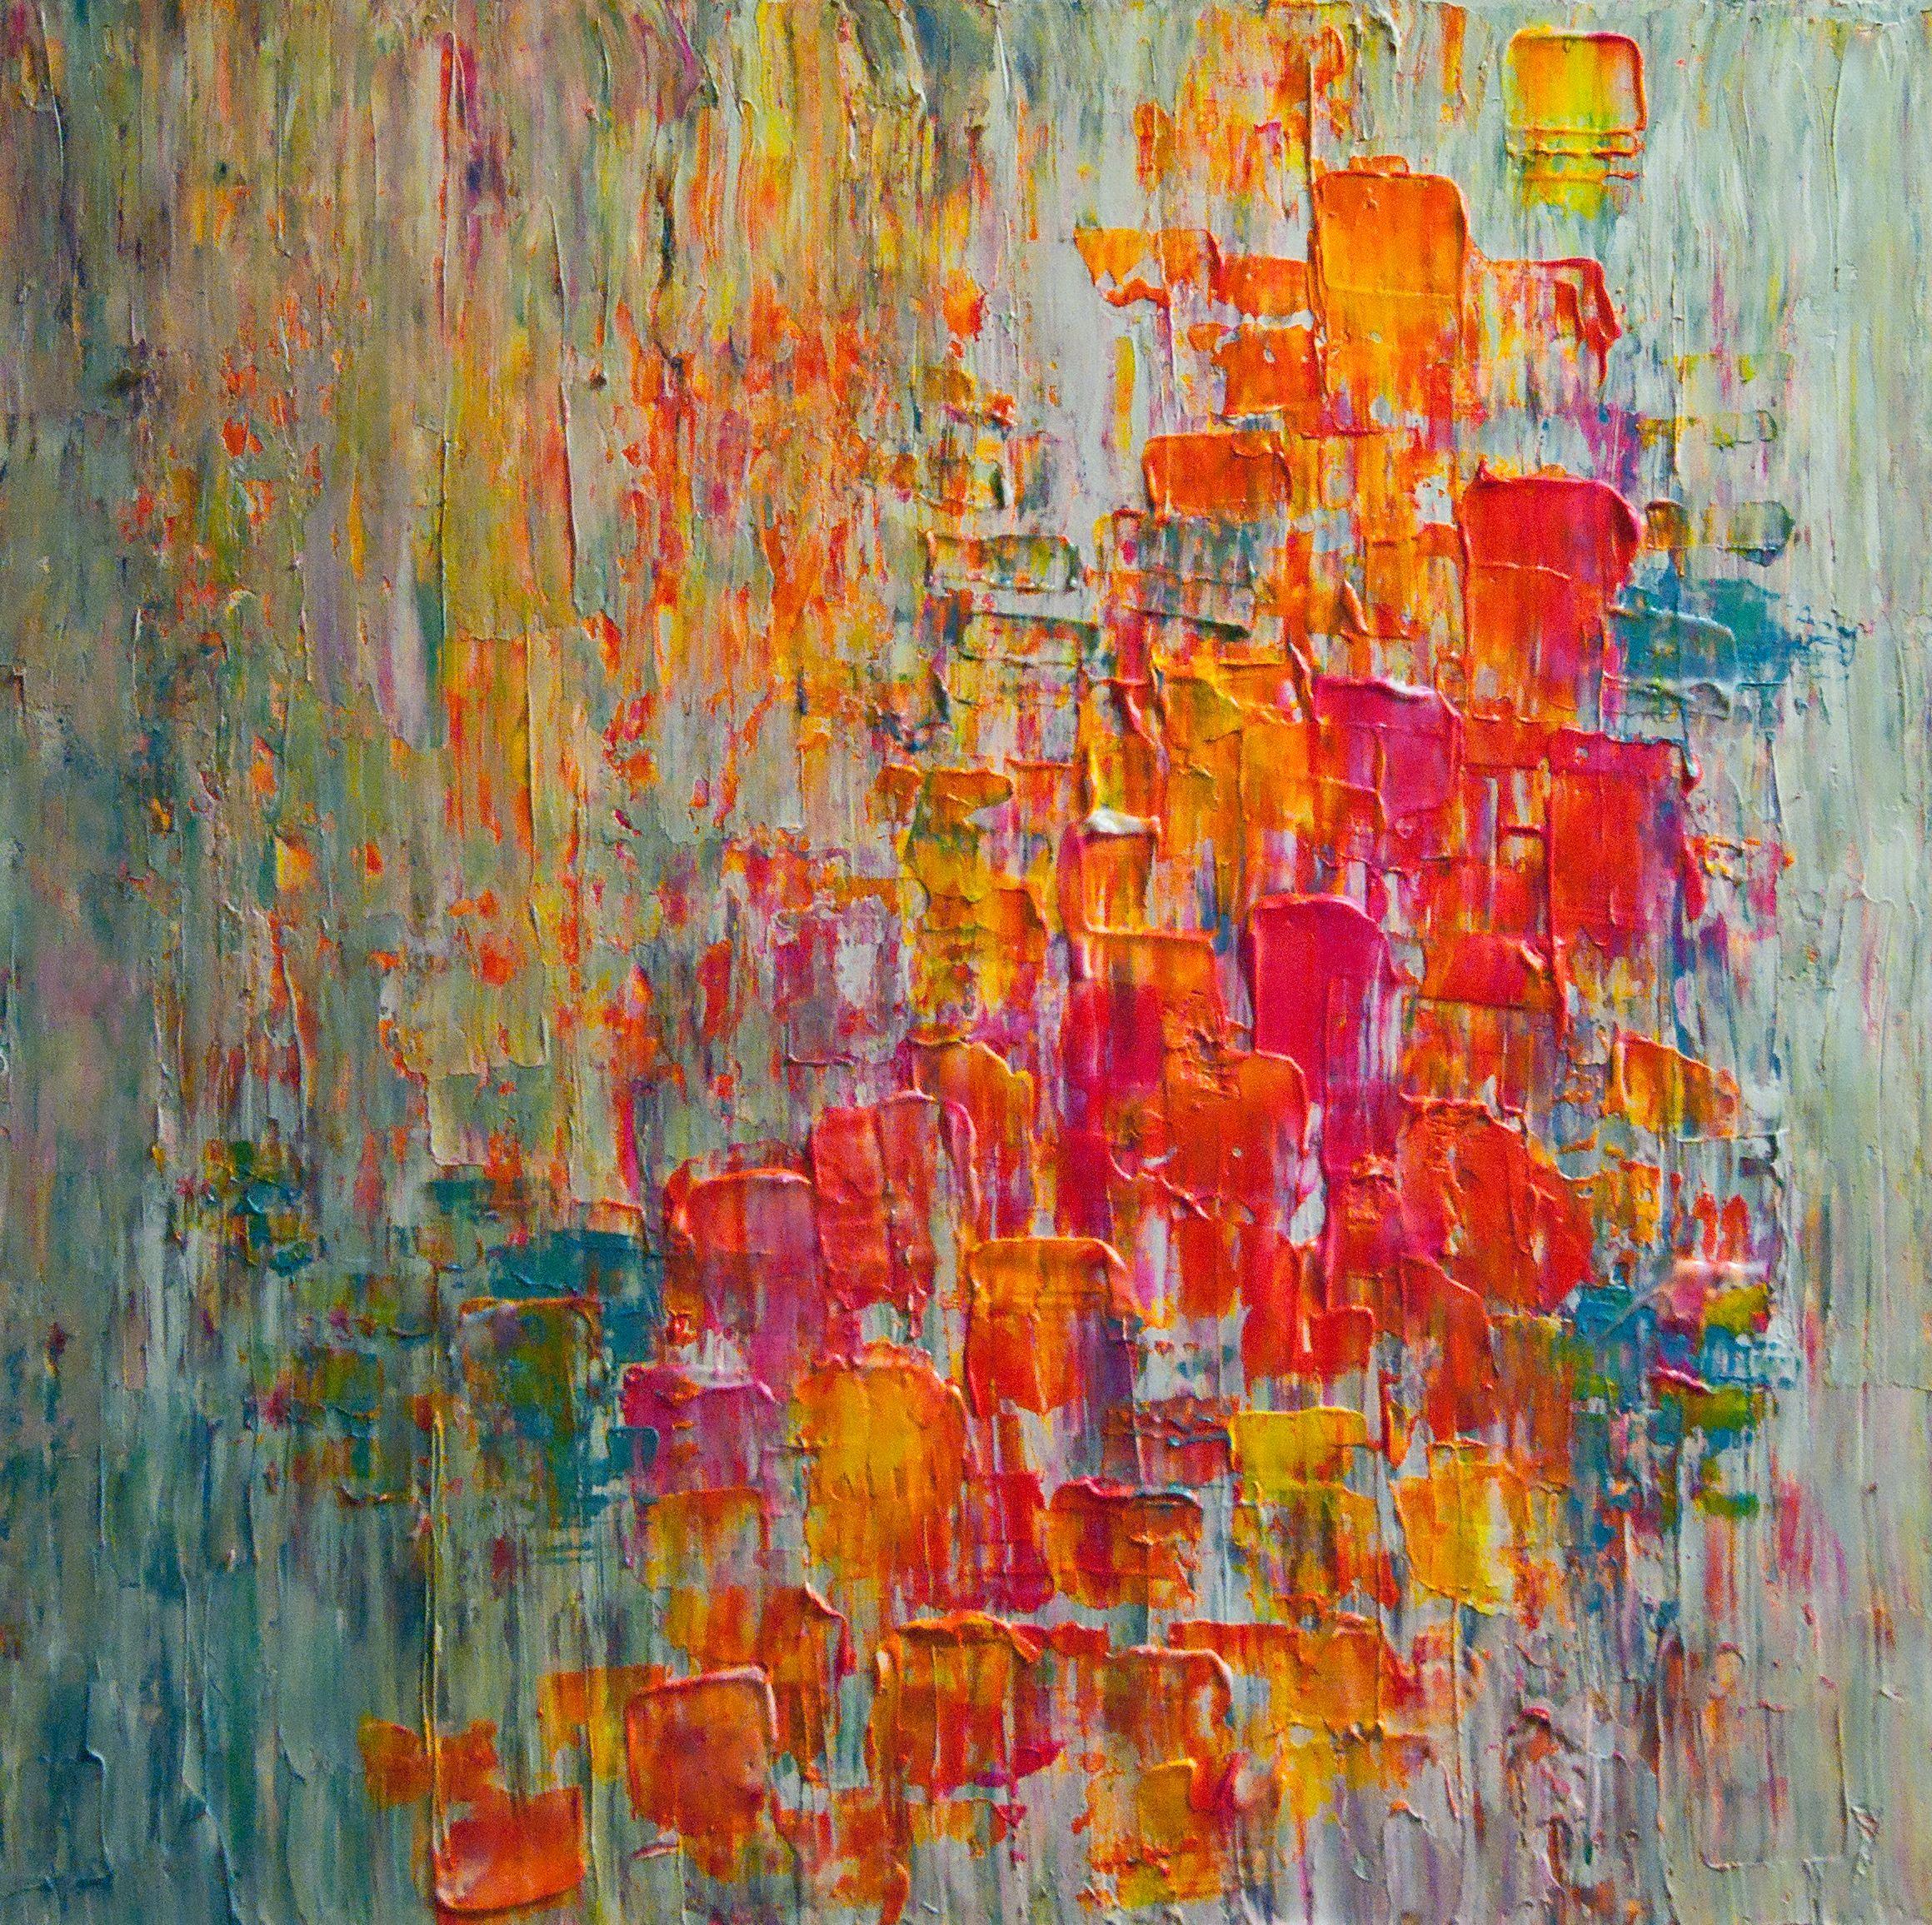 Gorgeous Acrylic Painting With Lemon, Fuchsia, Teal, Tangerine Orange Unfortunately